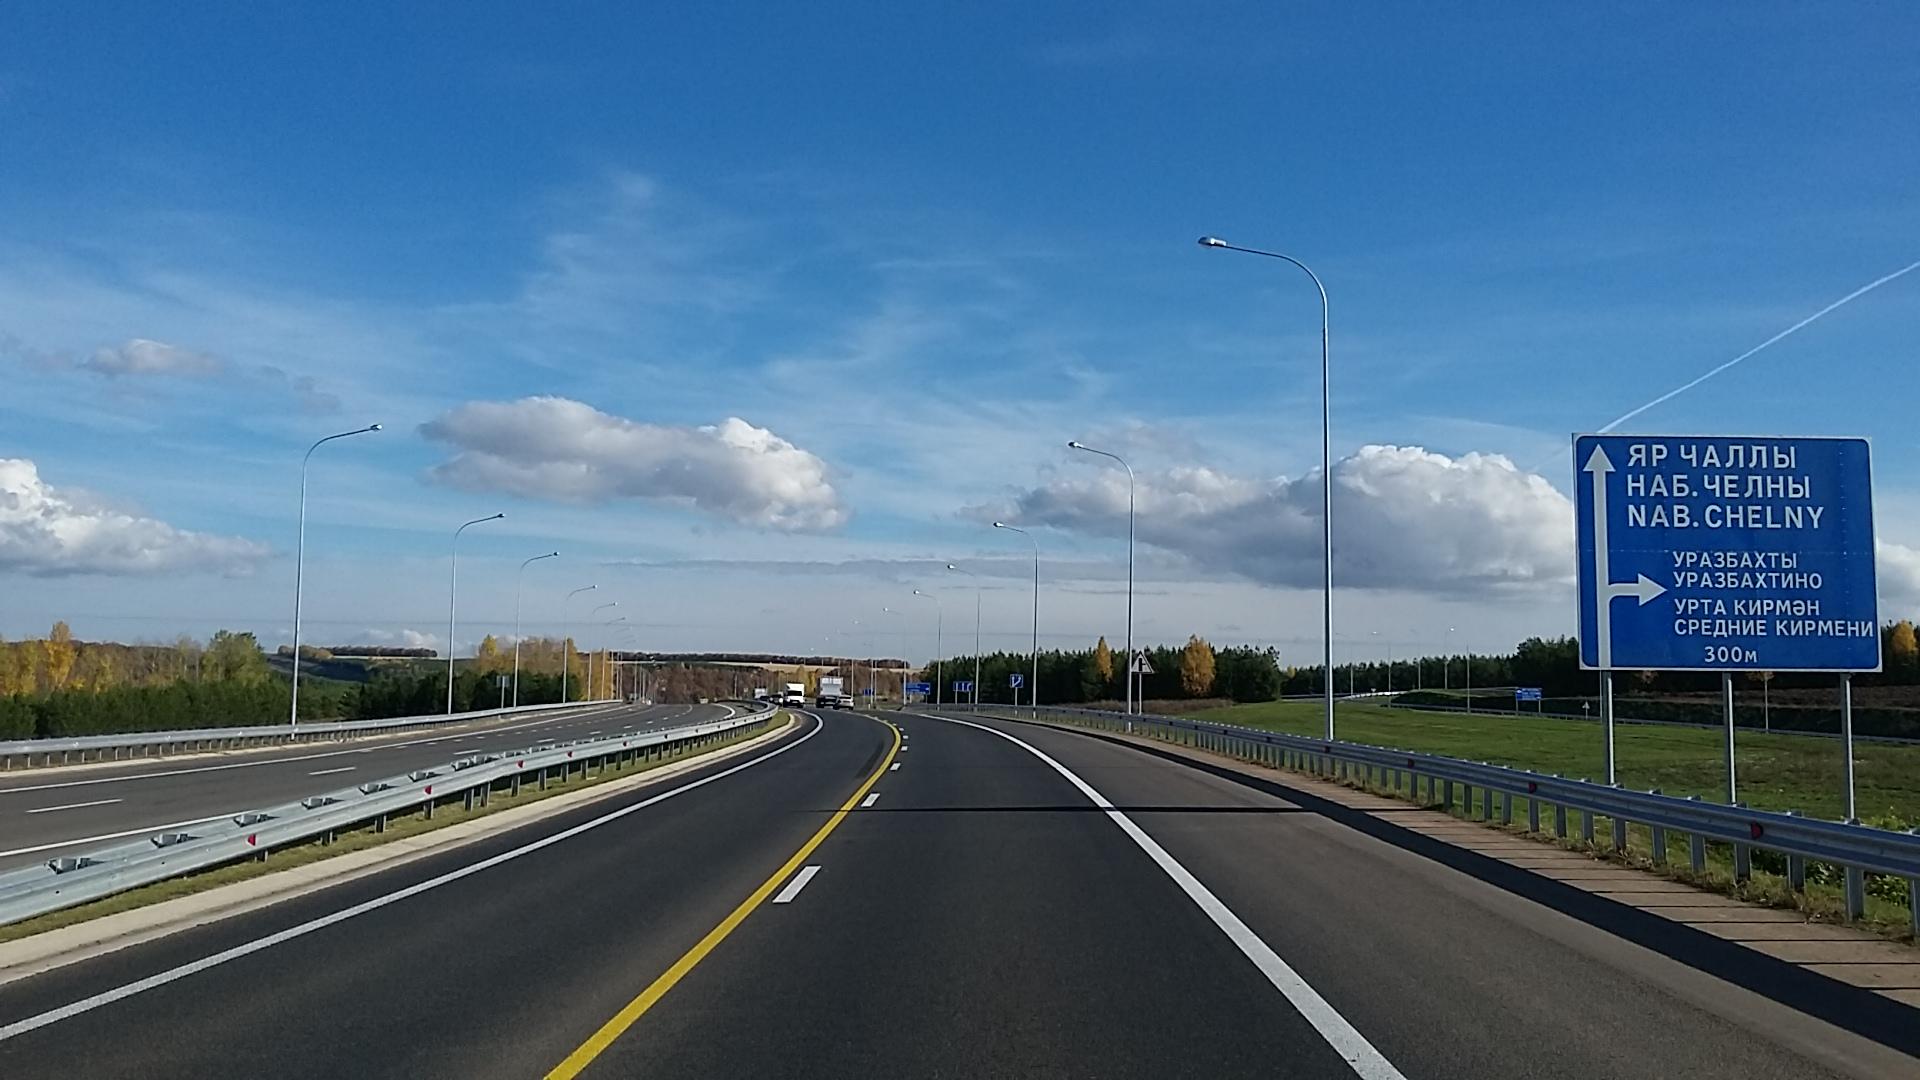 Трассу М-7 «Волга» на участке Казань — Набережные Челны расширили до 4 полос